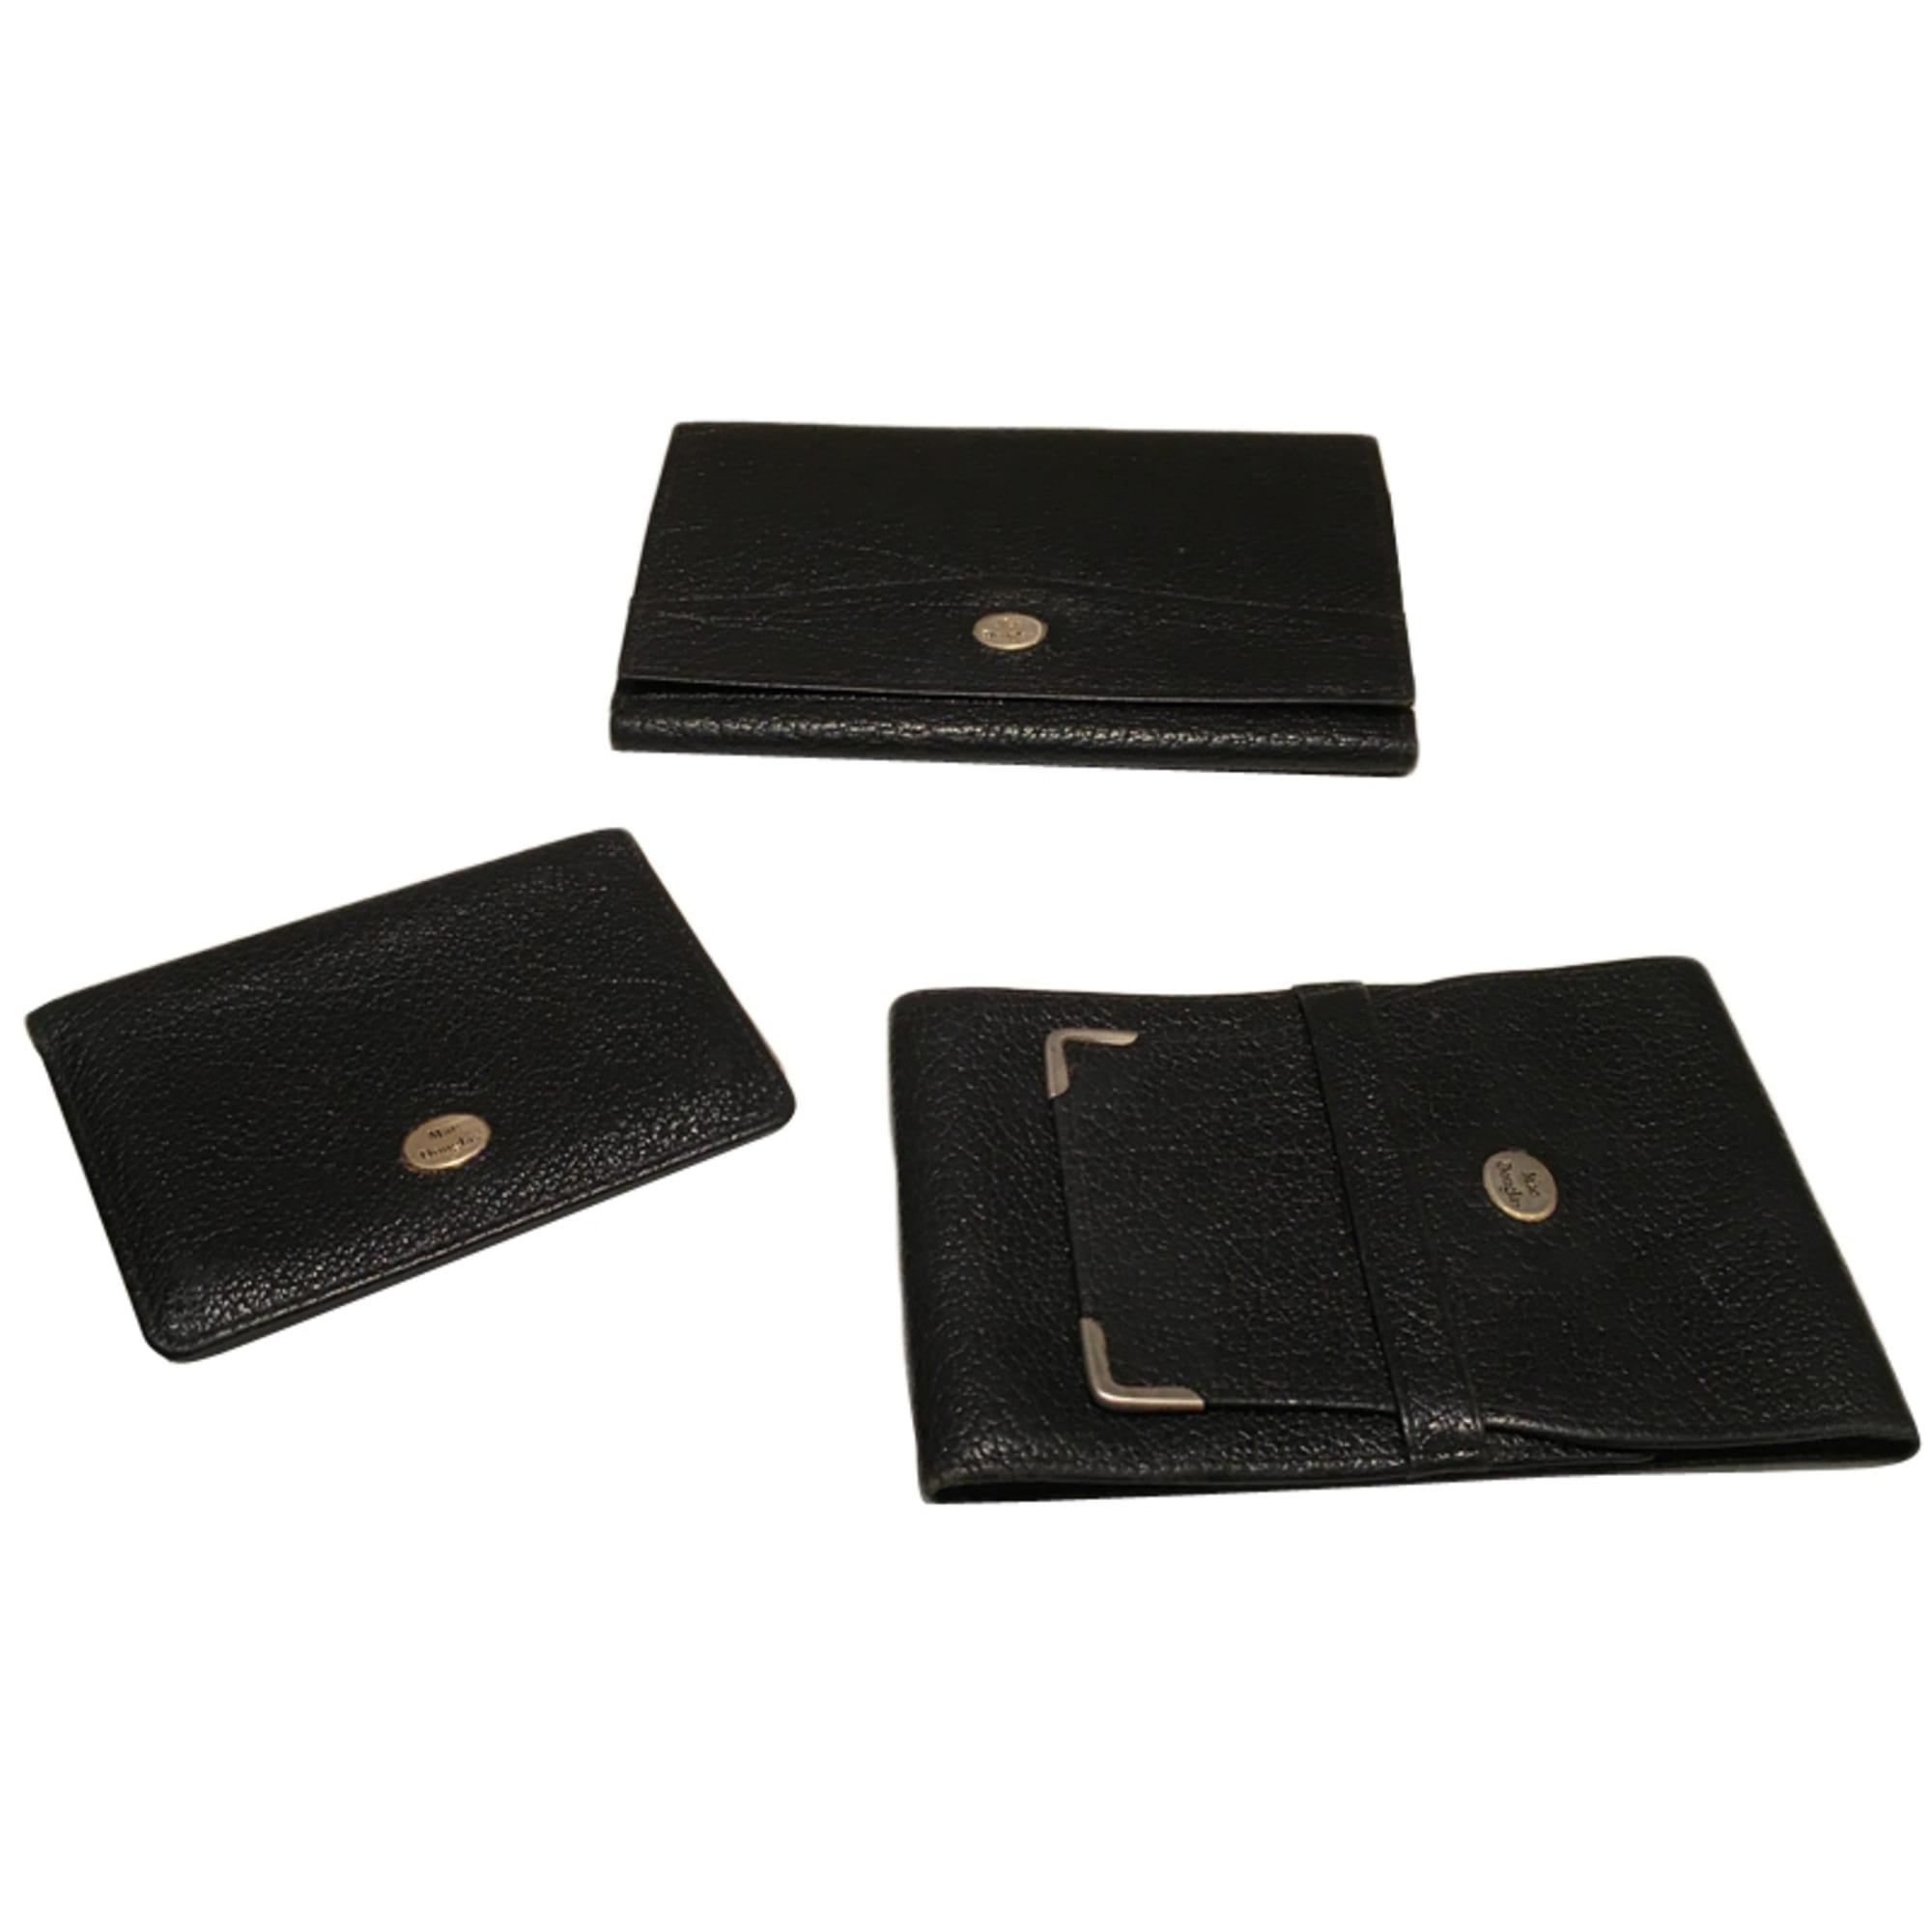 Porte-chéquier MAC DOUGLAS noir vendu par Vanessaix - 4156709 86a51e9ae3e